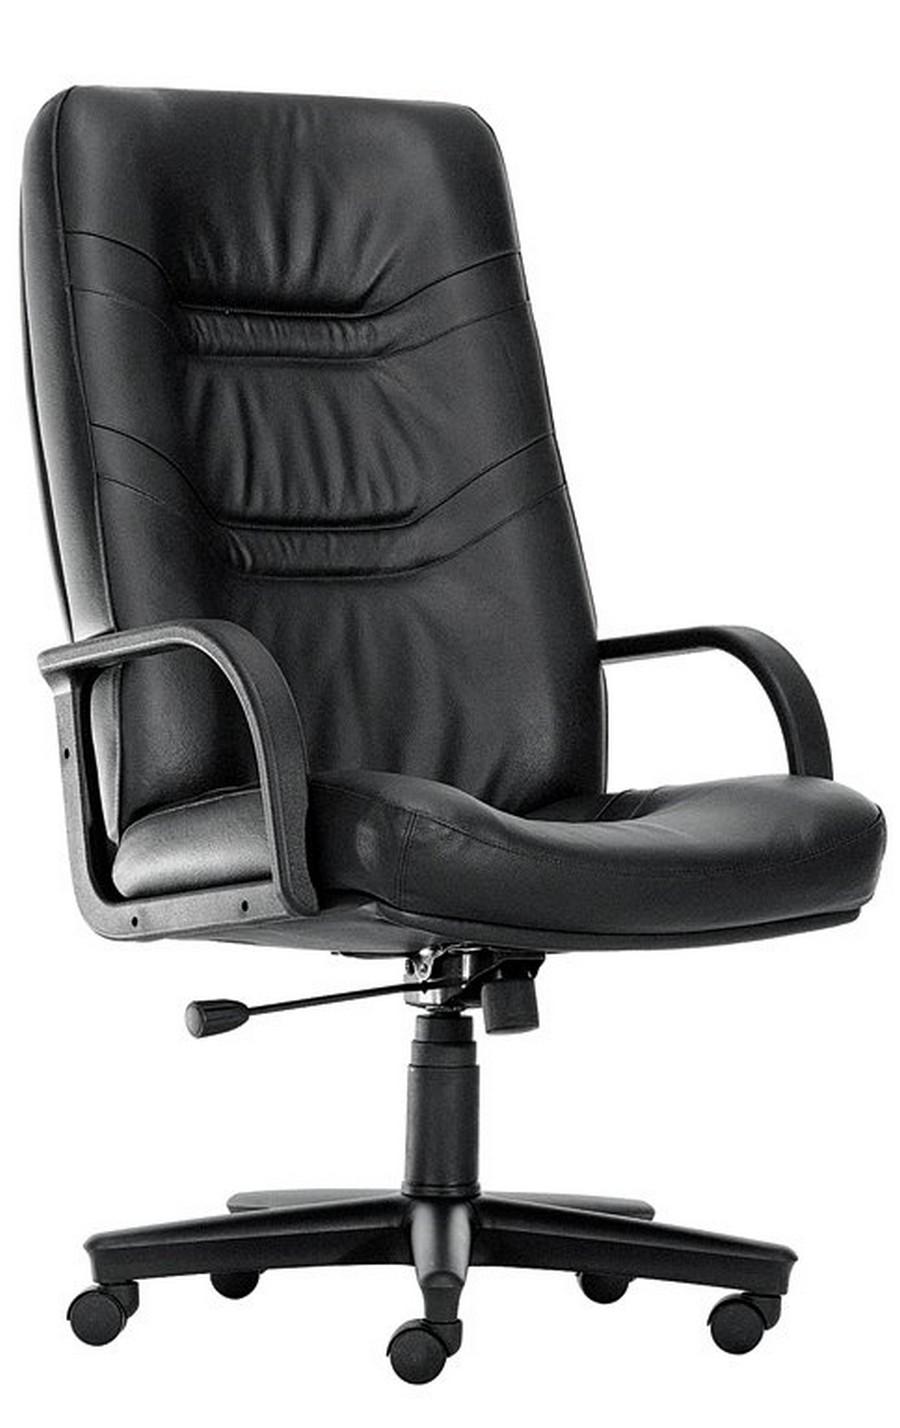 Выбираем компьютерное кресло - на что обратить внимание 3